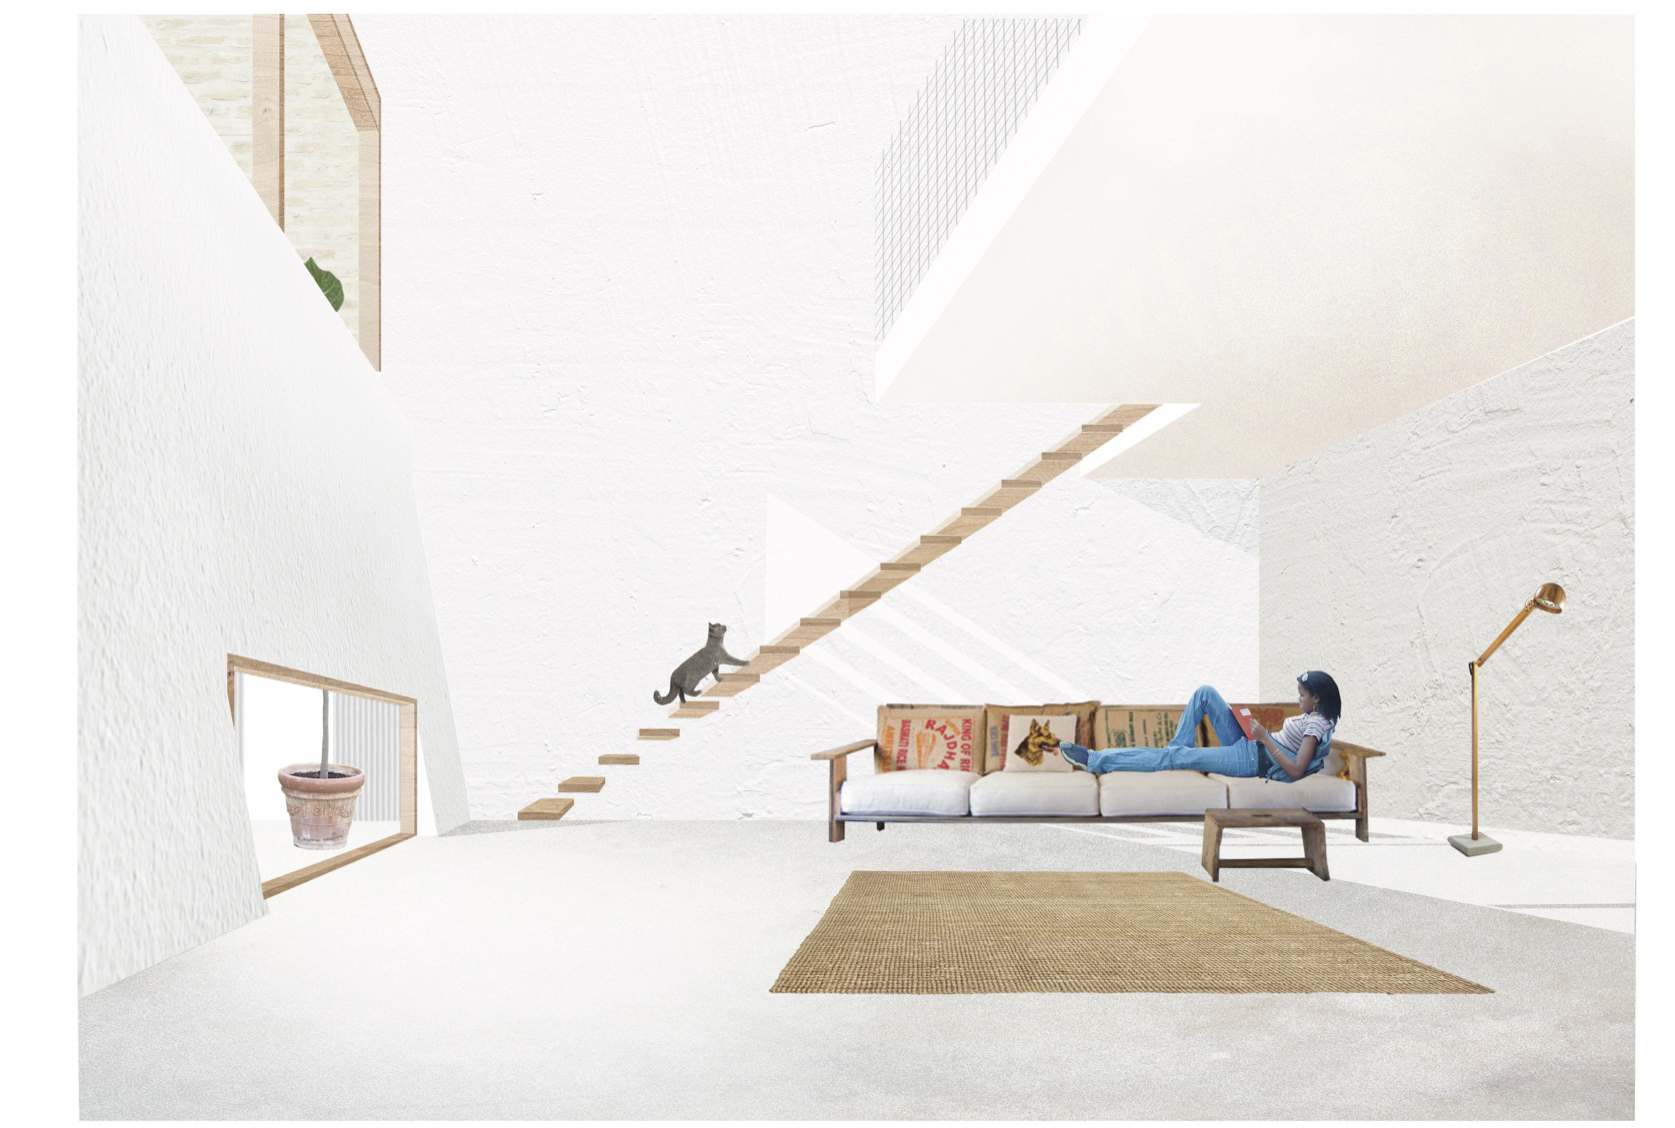 apartment interior.jpg